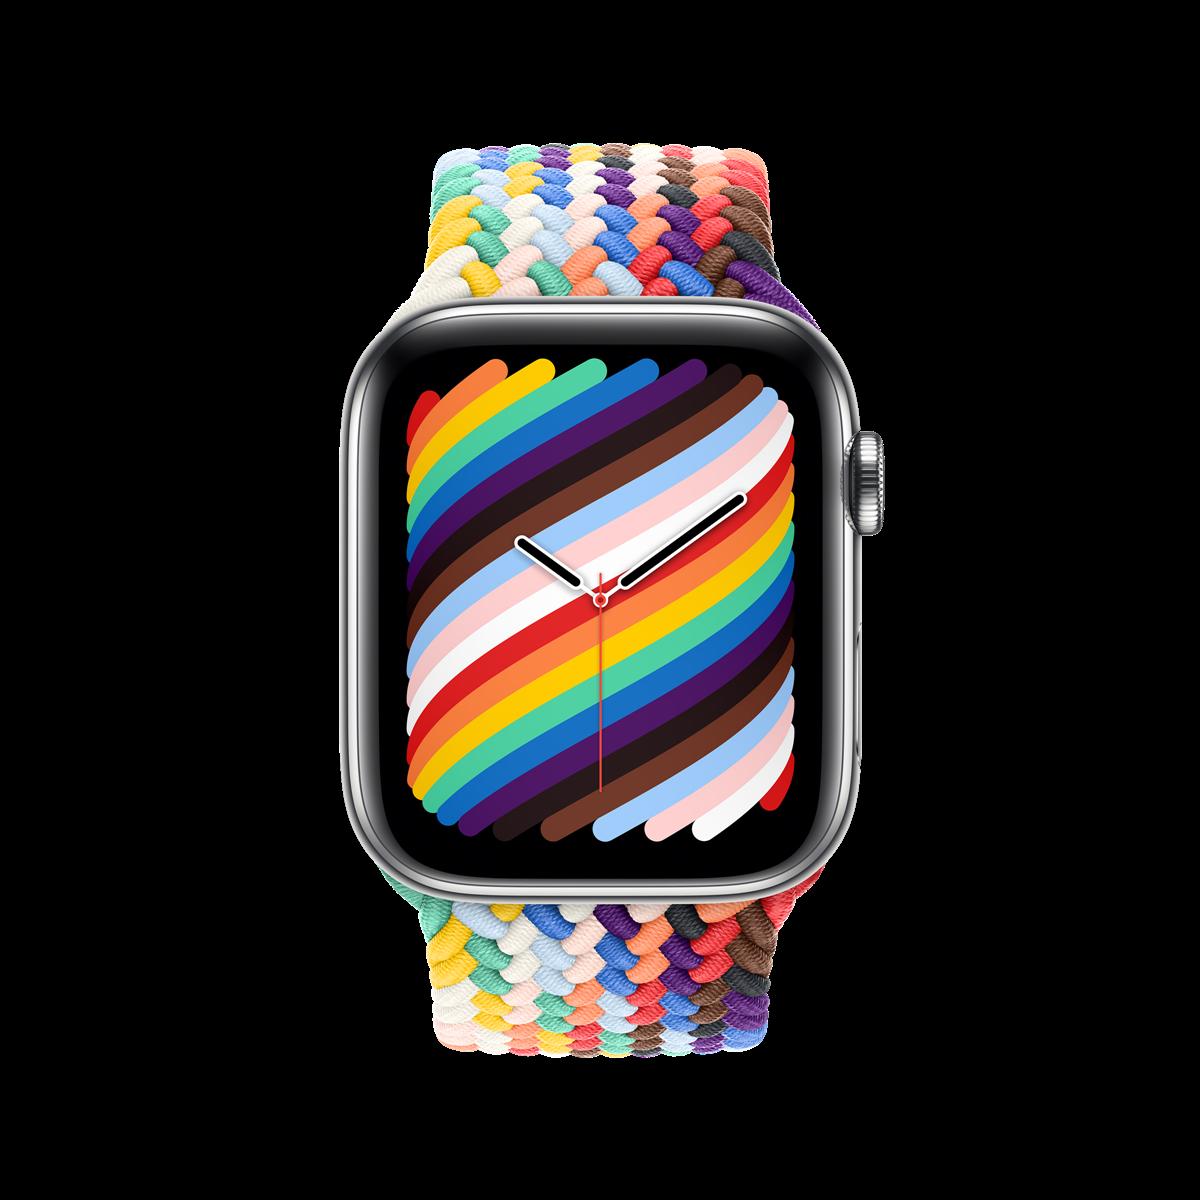 彩虹版單圈編織錶帶來了!Apple Watch 彩虹版錶帶頌揚與支持多元的 LGBTQ+ 運動 全新的編織單圈錶環,呈現出 LGBTQ+ 社群的廣度和經歷 @3C 達人廖阿輝